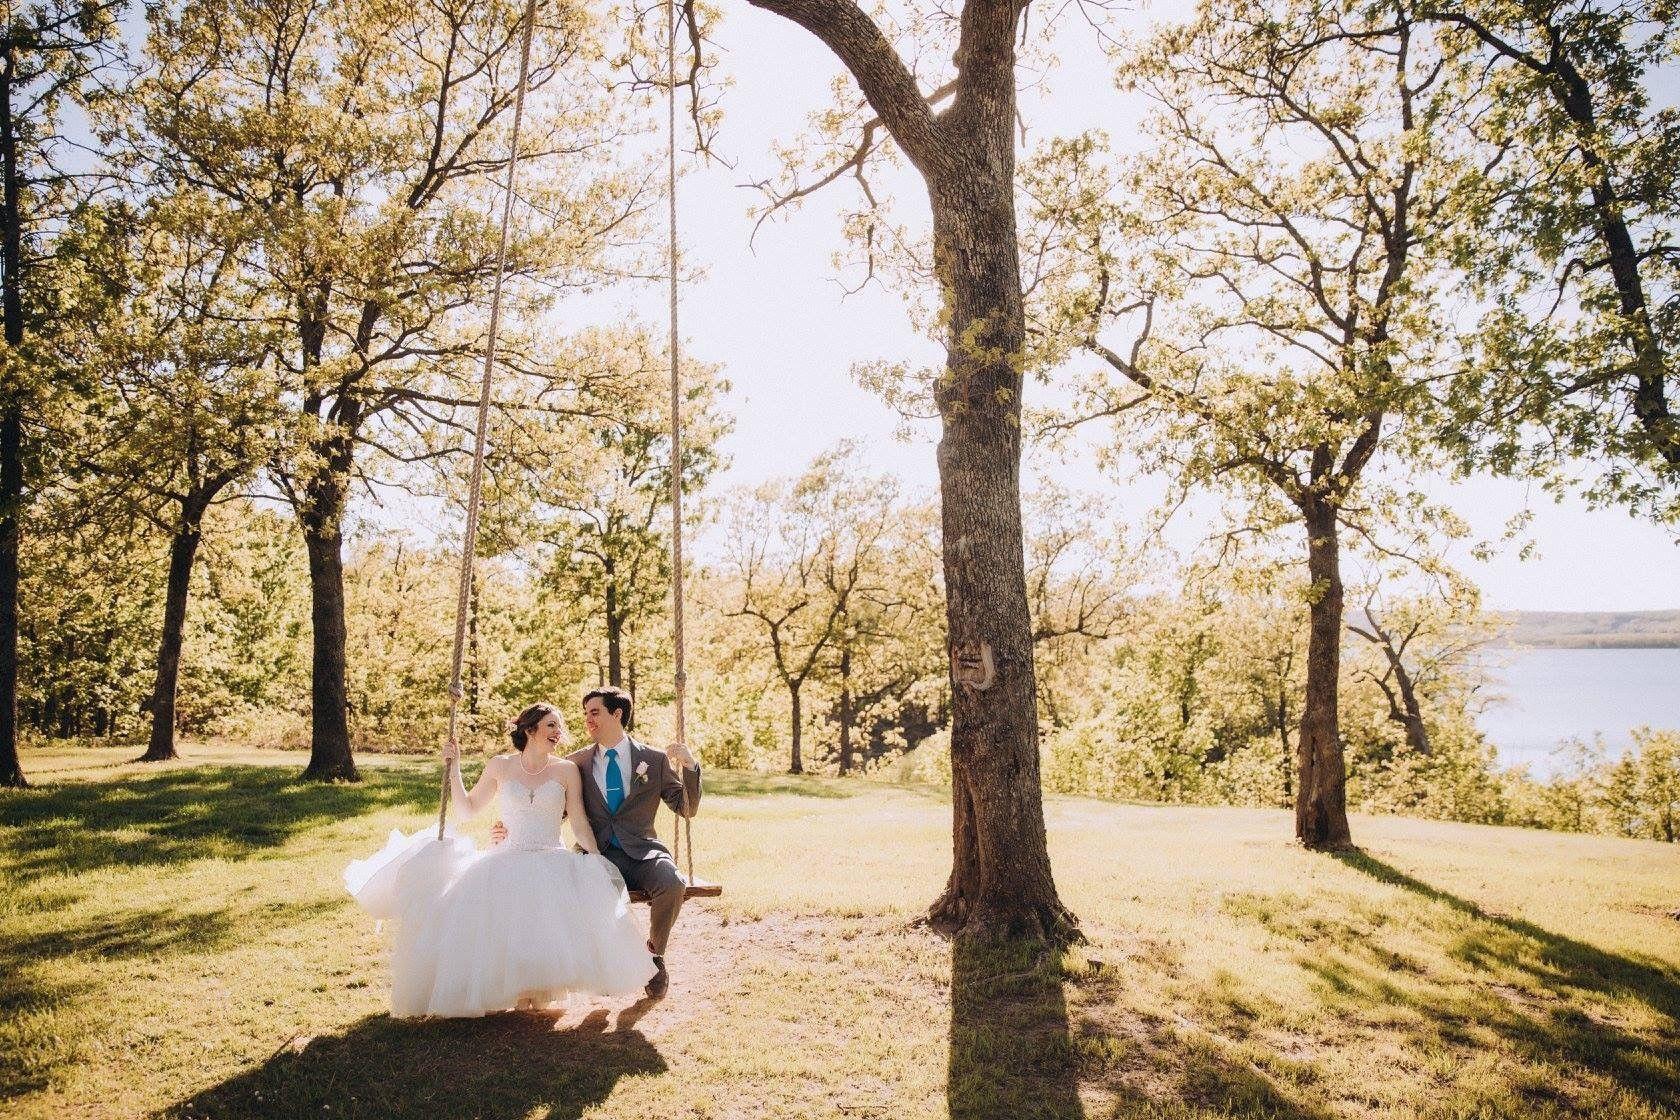 Tulsa Wedding Venue Springs Venue Tulsa Wedding Venues Outdoor Wedding Photos Outdoor Wedding Venues